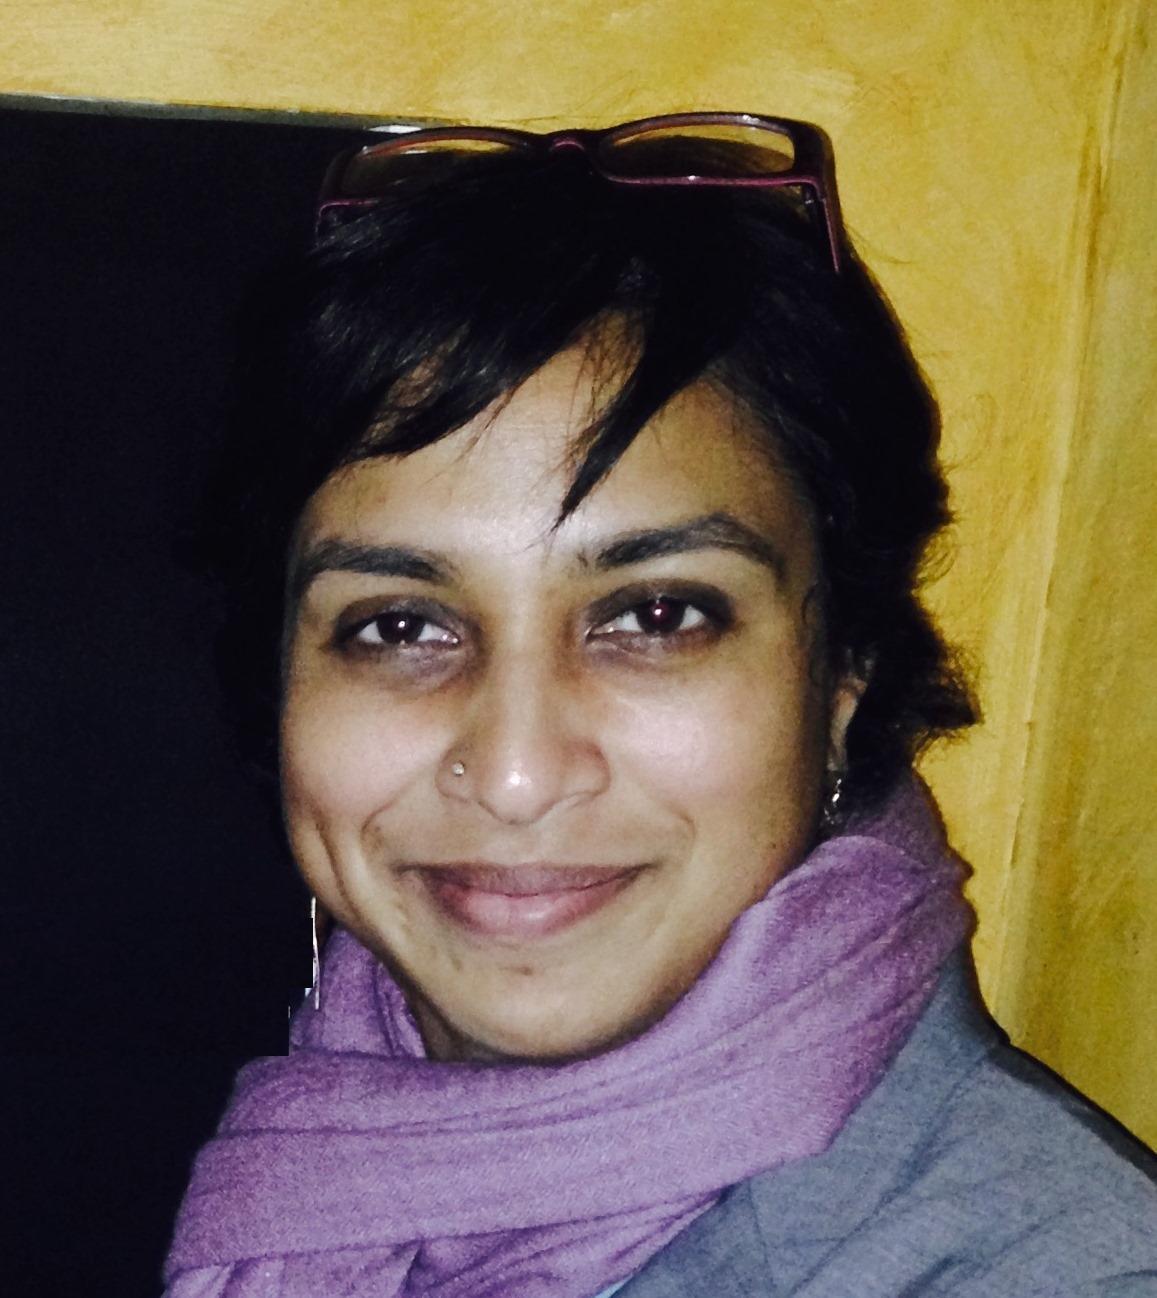 Shalini headshot hi-res.jpg